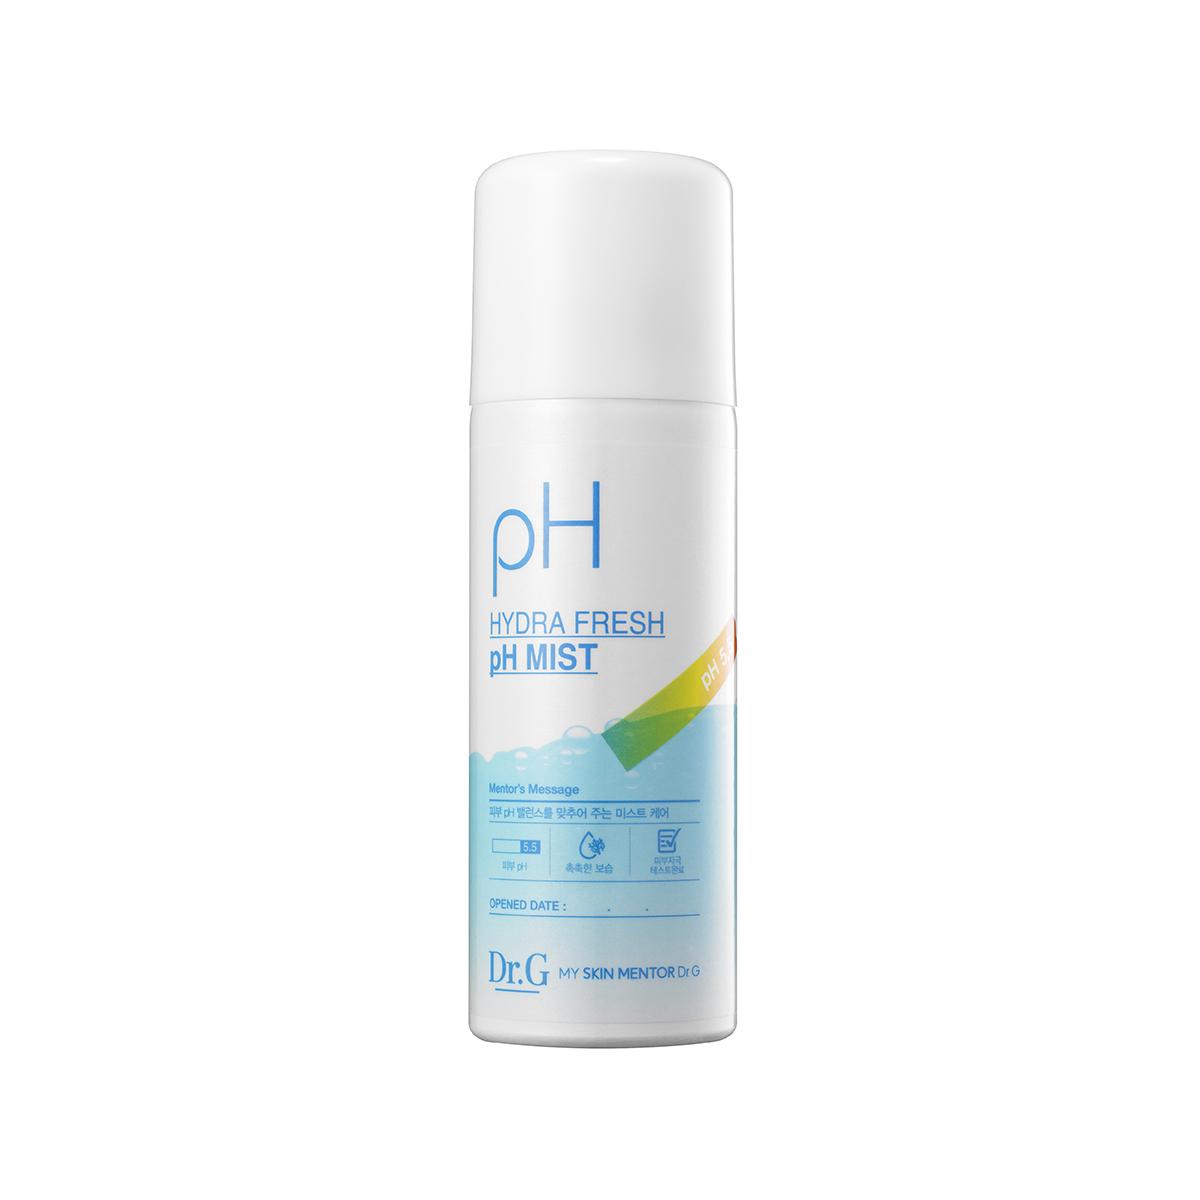 Dr. G Мист-тоник увлажняющий Mist, 150 млDG133093Увлажняющий и балансирующий кожу мист-тоник. Обогащен минералами. Поддерживает необходимый коже уровень pH. Разглаживает кожу. Средство удобно взять с собой. Оно легко освежает - в одно нажатие. Мист-тоник насыщен водой с pH 5.5, которая расслабляет эпидермис, обеспечивает здоровый уход и увлажнение несбалансированной кожи, оставляя после себя ощущение легкой прохлады. Растительные компоненты мист-тоника, такие как зеленый чай и розмарин дарят коже заряд здоровья, разглаживают морщины, сужают поры. Средство содержит экстракт самбуки, который имеет смягчающие и осветляющие свойства, добавляет коже красивый оттенок. Рекомендуется к применению при возникновении ощущения сухости после умывания или в дневное время. Подходит для всех типов кожи.